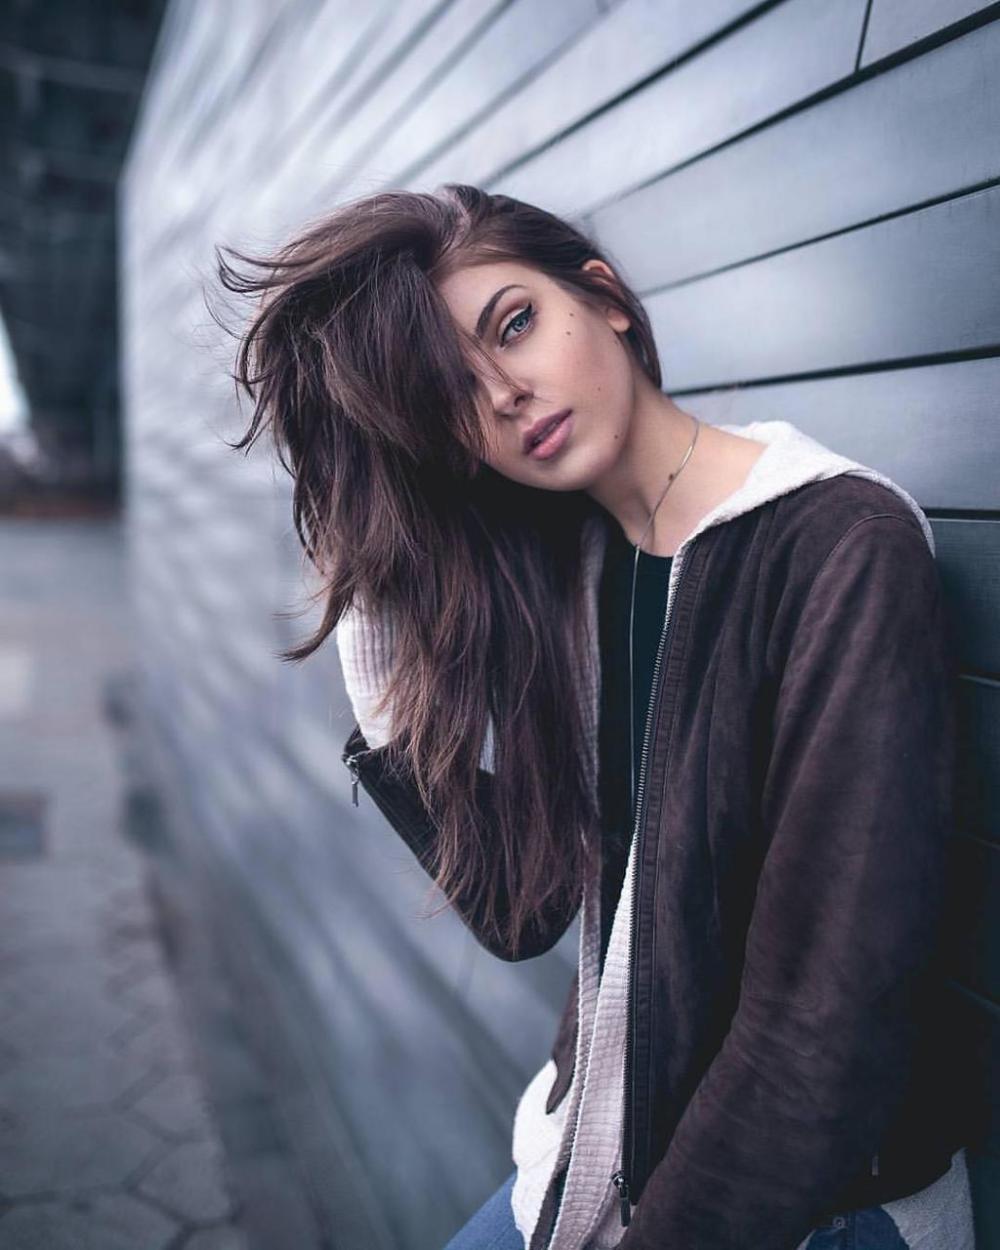 صور بنات تمبلر احلي صور لاحلي بنات تمبلر افخم فخمه Girl Photography Human Pictures Portrait Photography